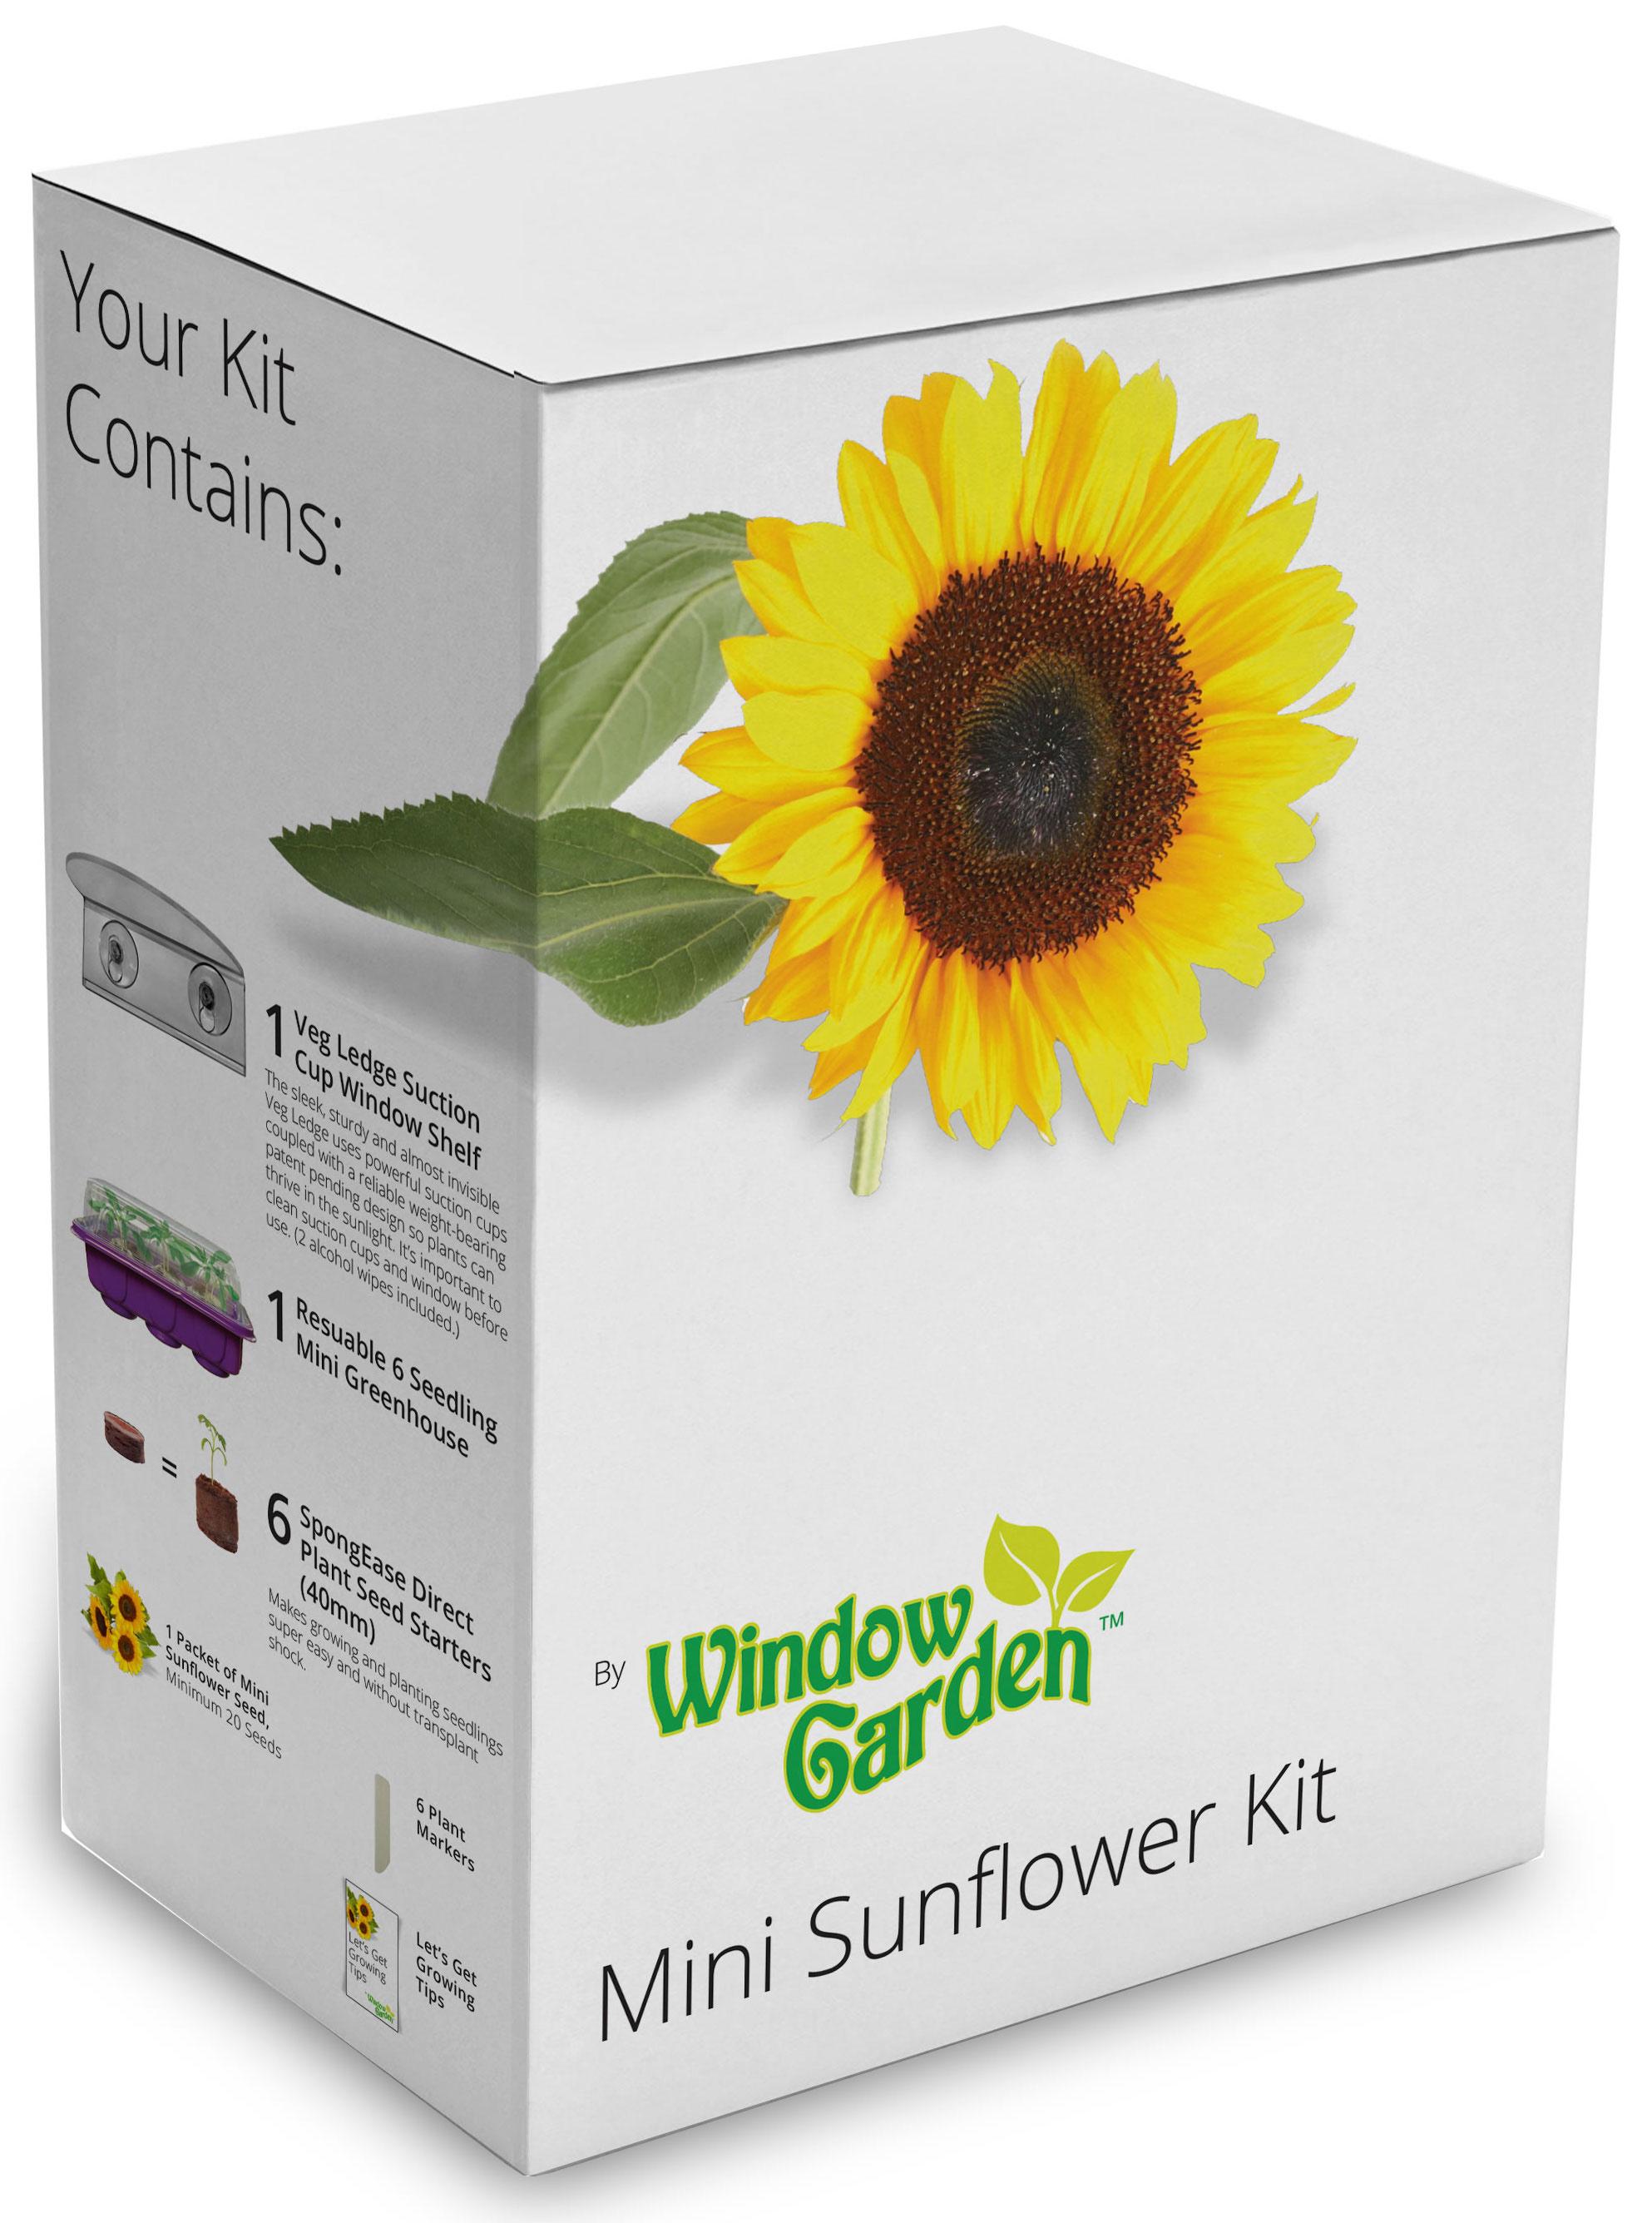 sunflower_kit.jpg